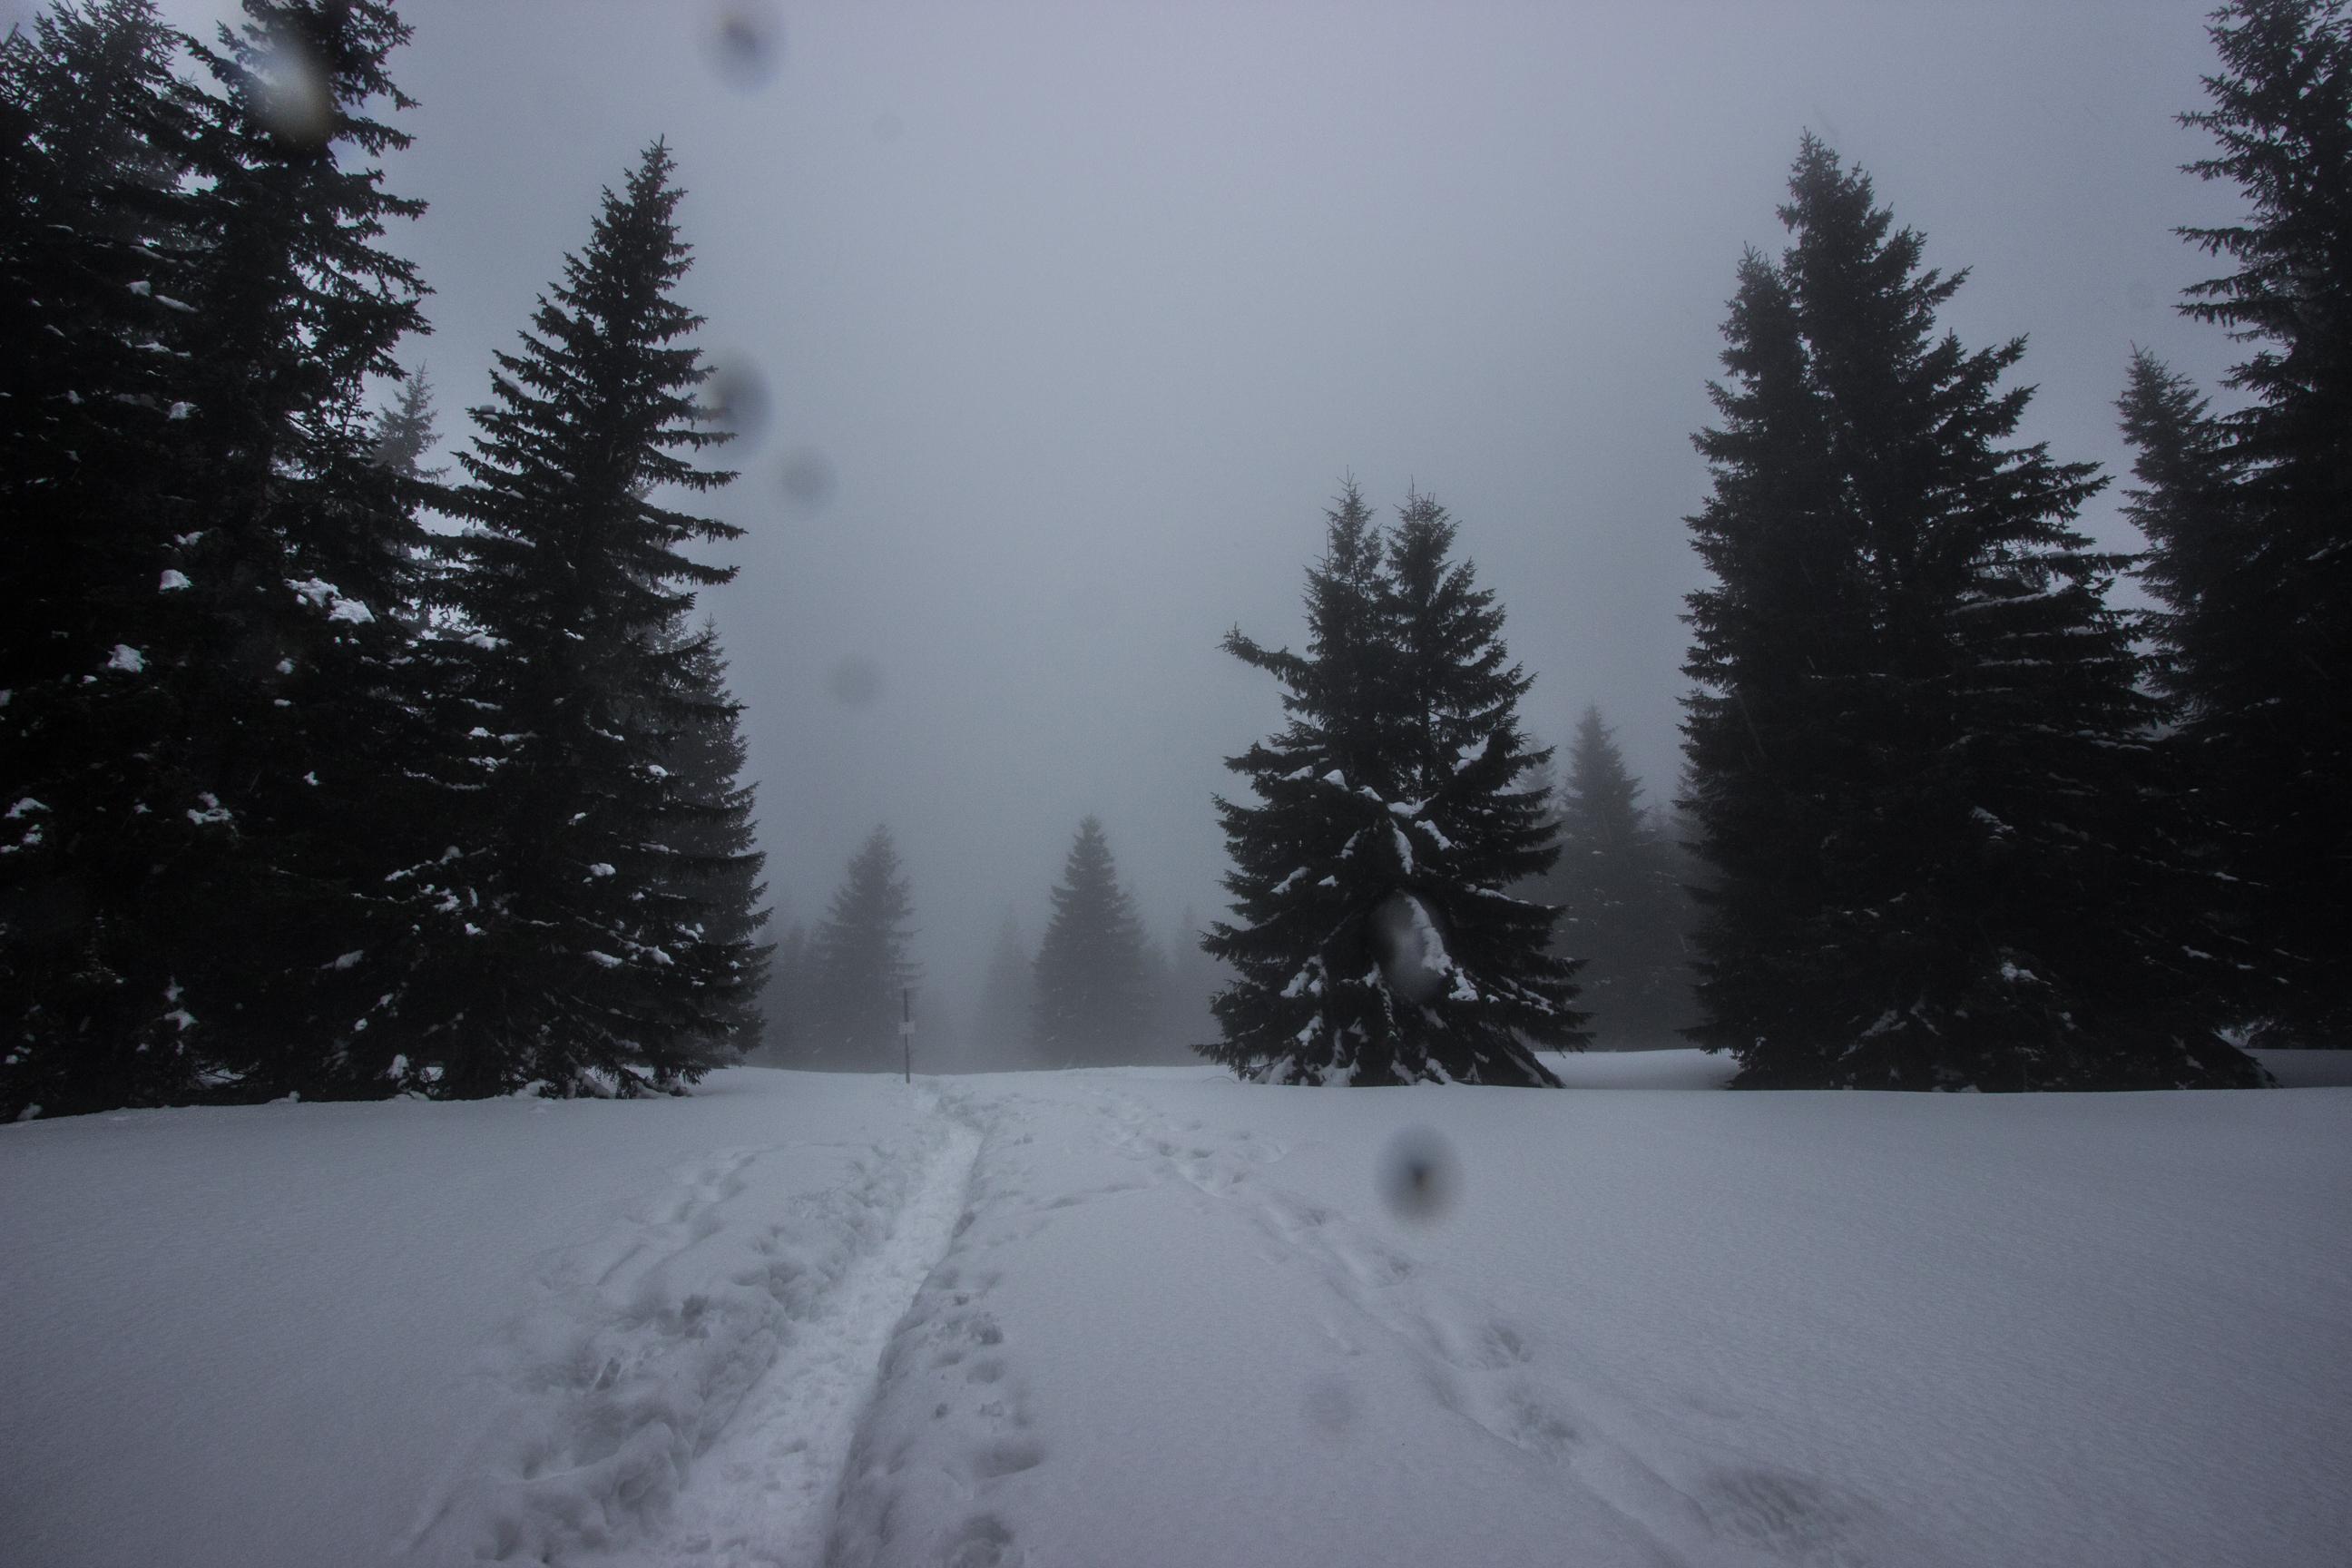 Takie widoki na Iwaniackiej Przełęczy